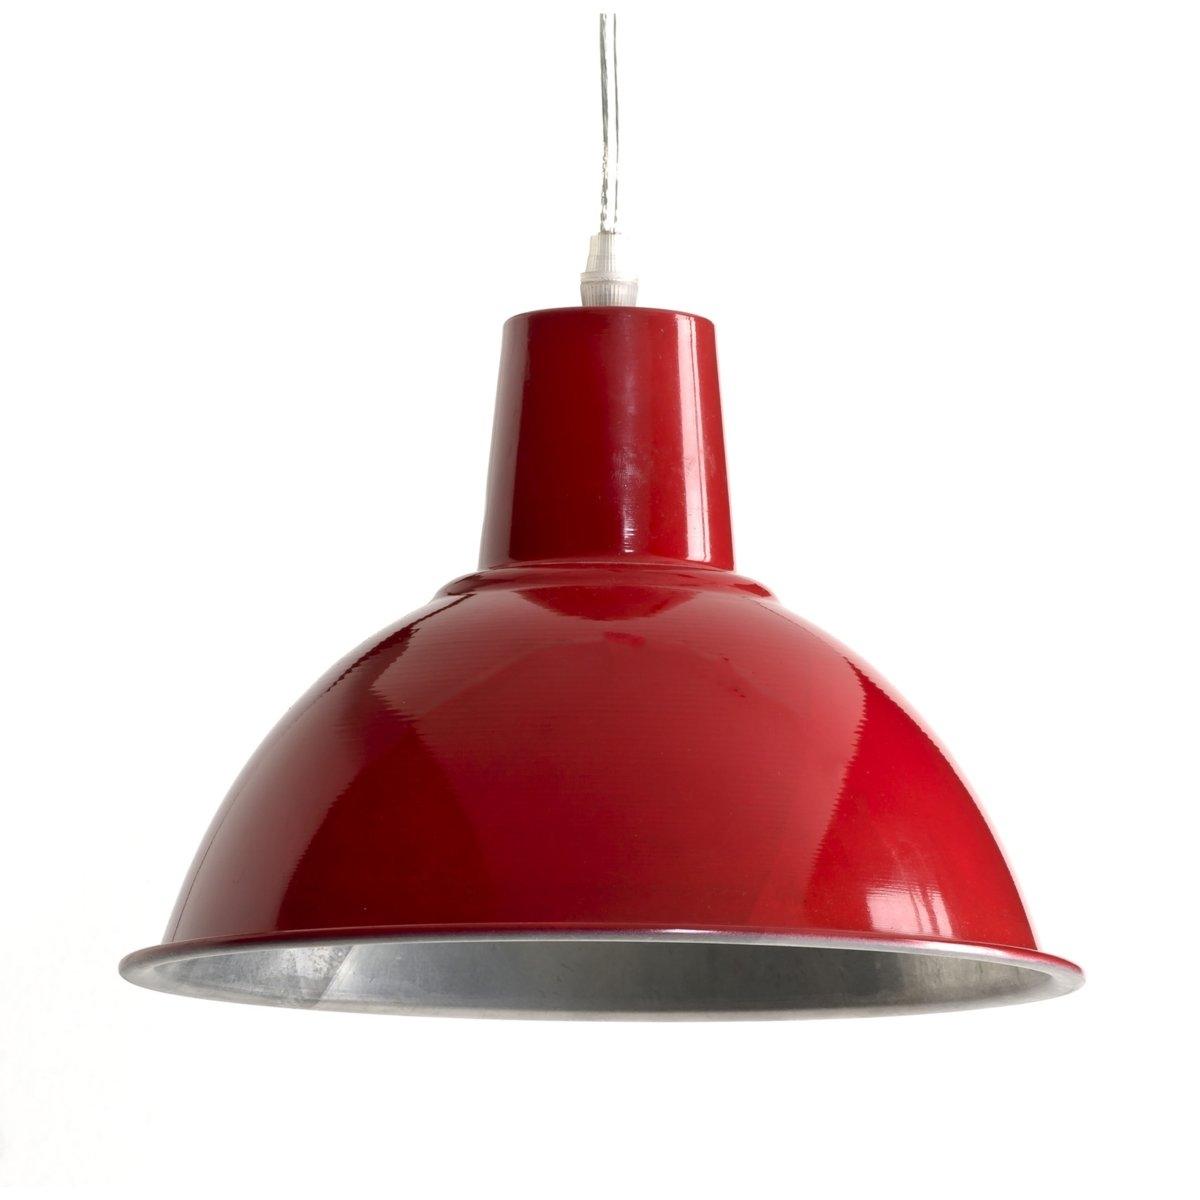 Светильник из металла в индустриальном стиле, Lami